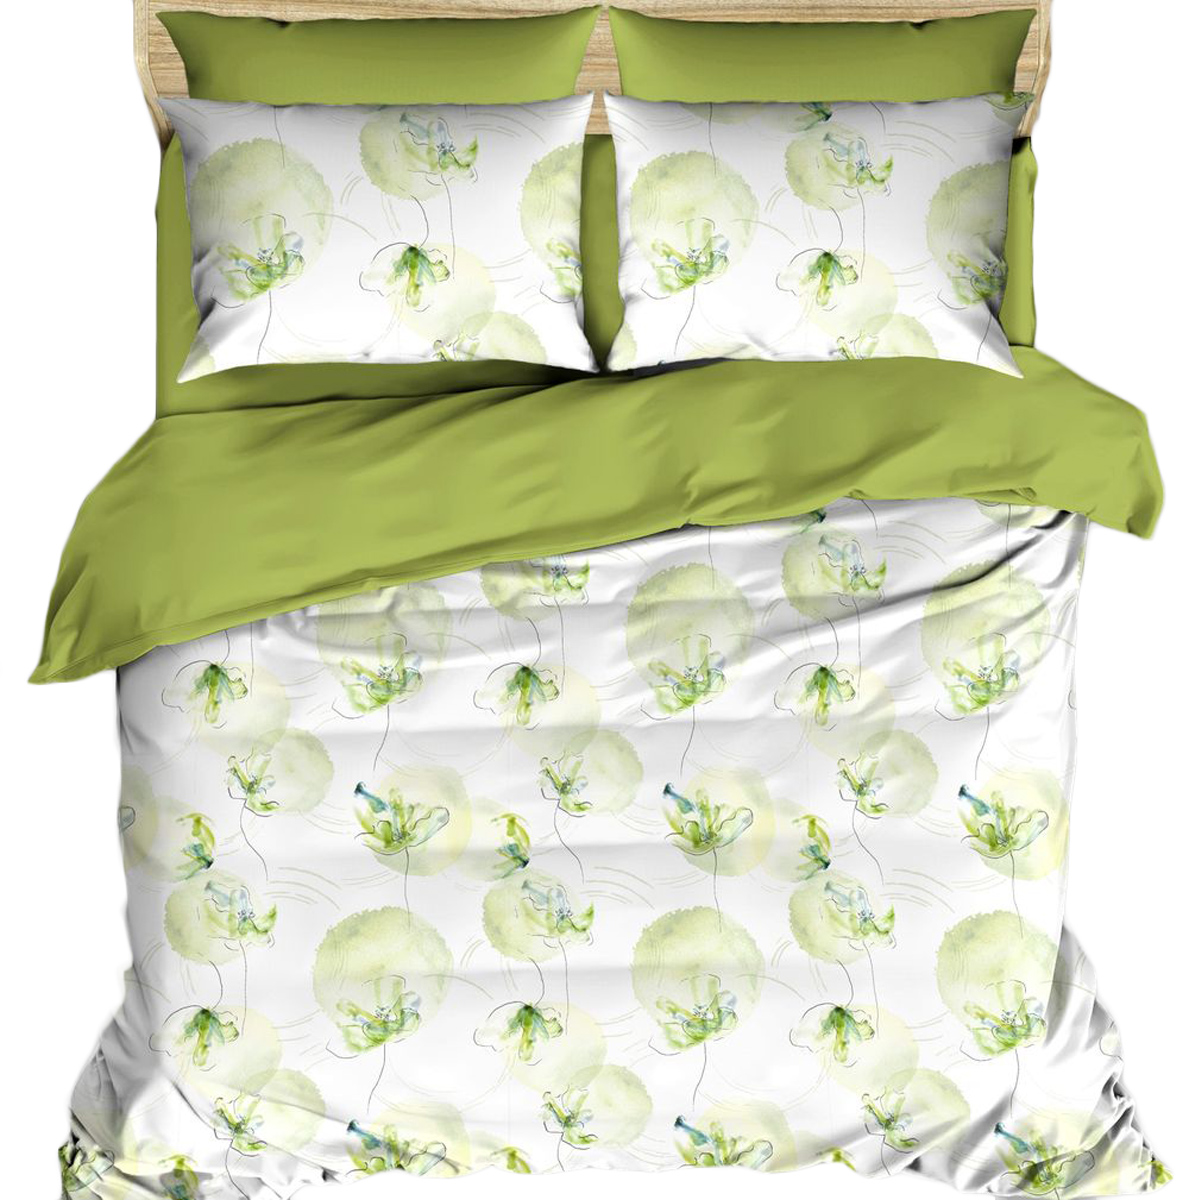 Комплект постельного белья Василиса Будто случайно, 2-спальный, наволочки 70x70;50x70. 163535163535Комплекты постельного белья Василиса коллекции Люкс (из сатина, 100% хлопок) - это российский продукт высочайшего качества ткани, с полноценной евро-простыней и дизайнерскими расцветками. Бесшовное. Ткань очень приятна на ощупь, блестящая и плотная. Сатиновое постельное белье долговечно и выдерживает большое число стирок. Не пилингуется. Способ застегивания наволочки - клапан, пододеяльника - отверстие без застежки по краю изделия с подвернутым краем.Советы по выбору постельного белья от блогера Ирины Соковых. Статья OZON Гид